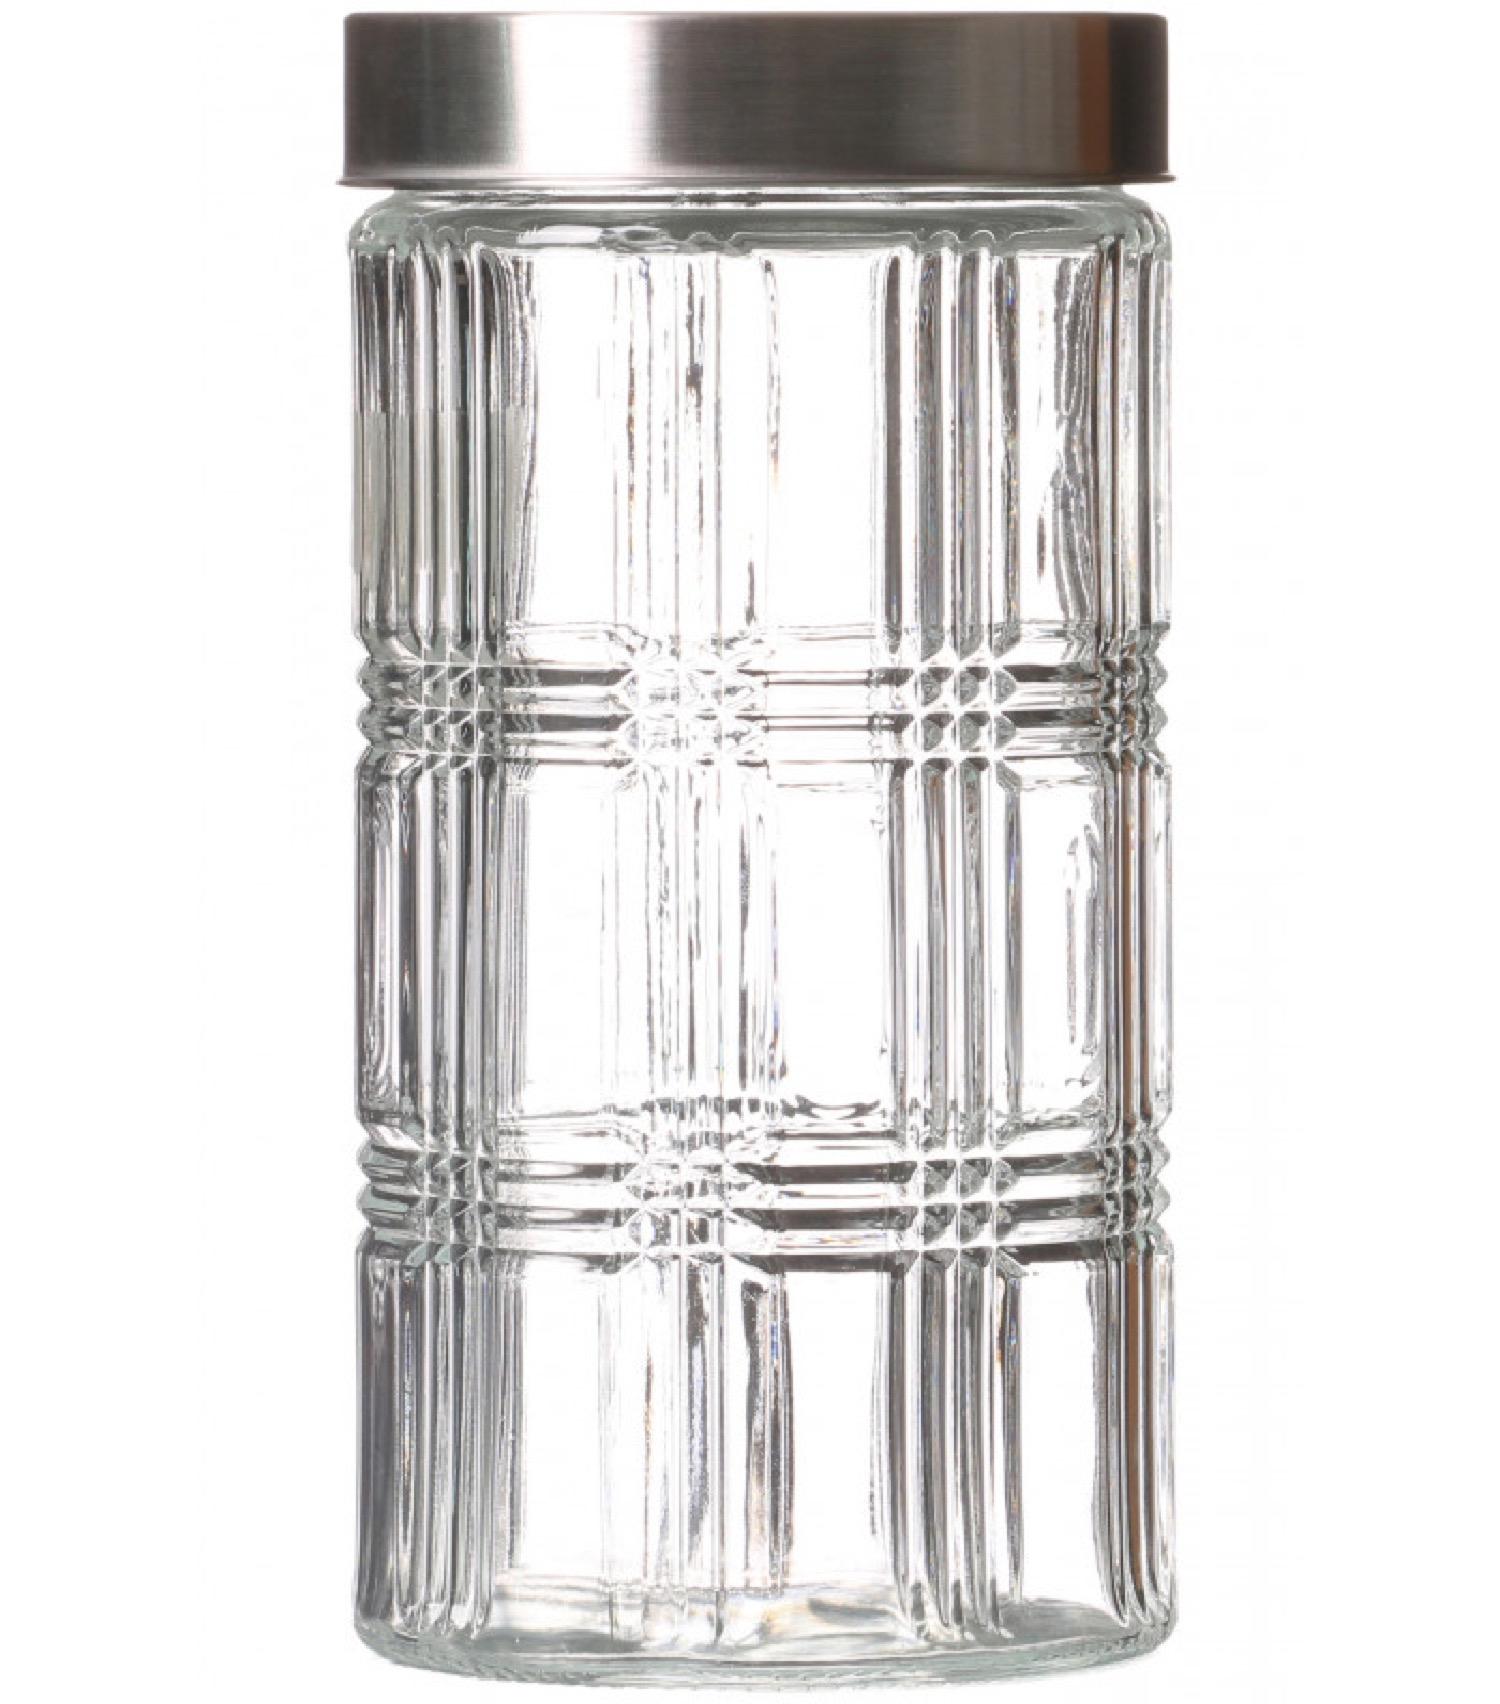 Bocal cuisine hermétique en verre avec couvercle inox 1700ml